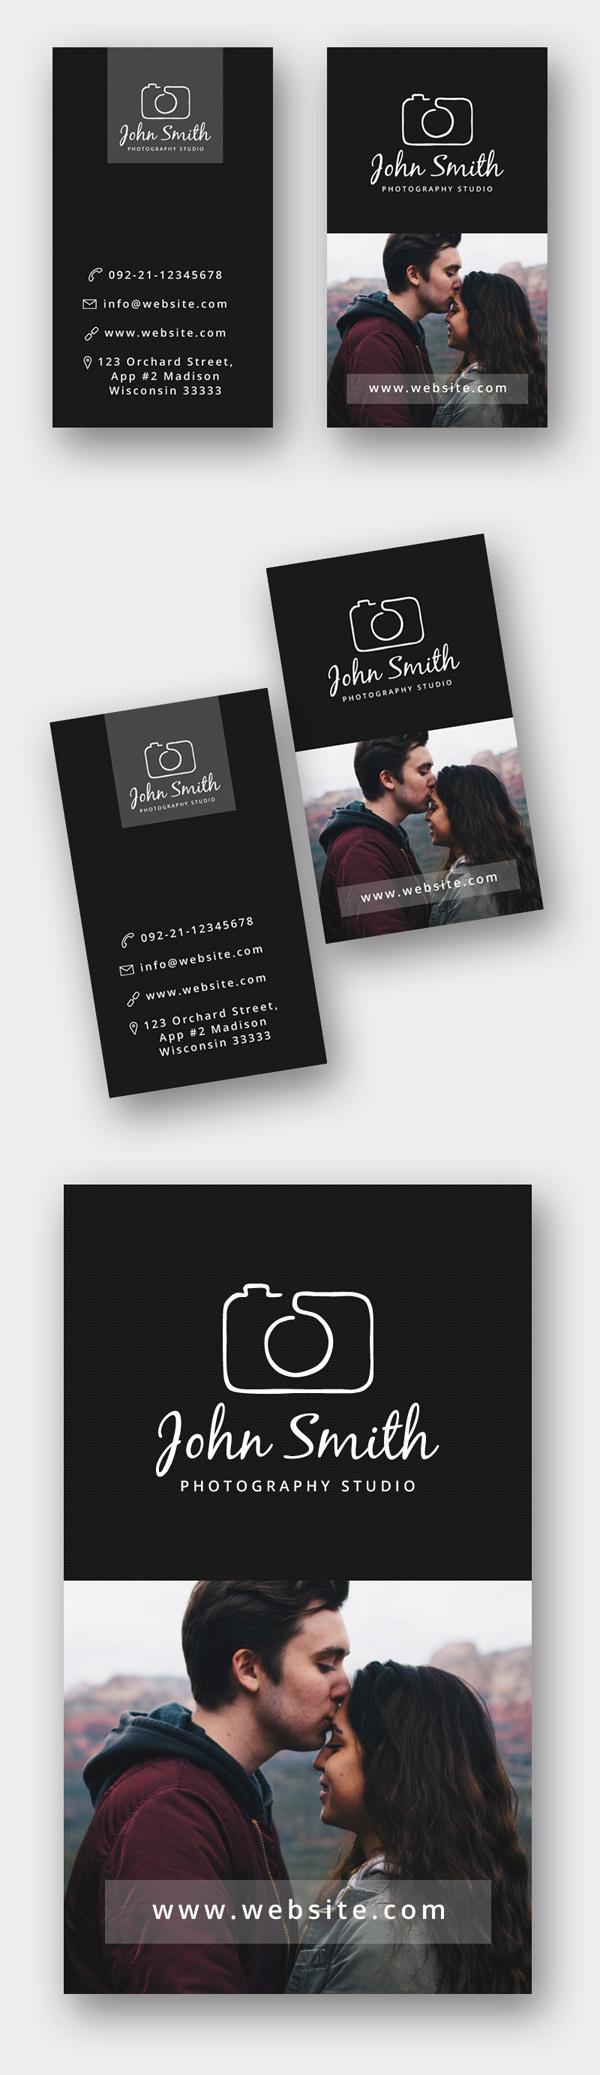 创意摄影设计工作室摄影师名片源文件模板下载